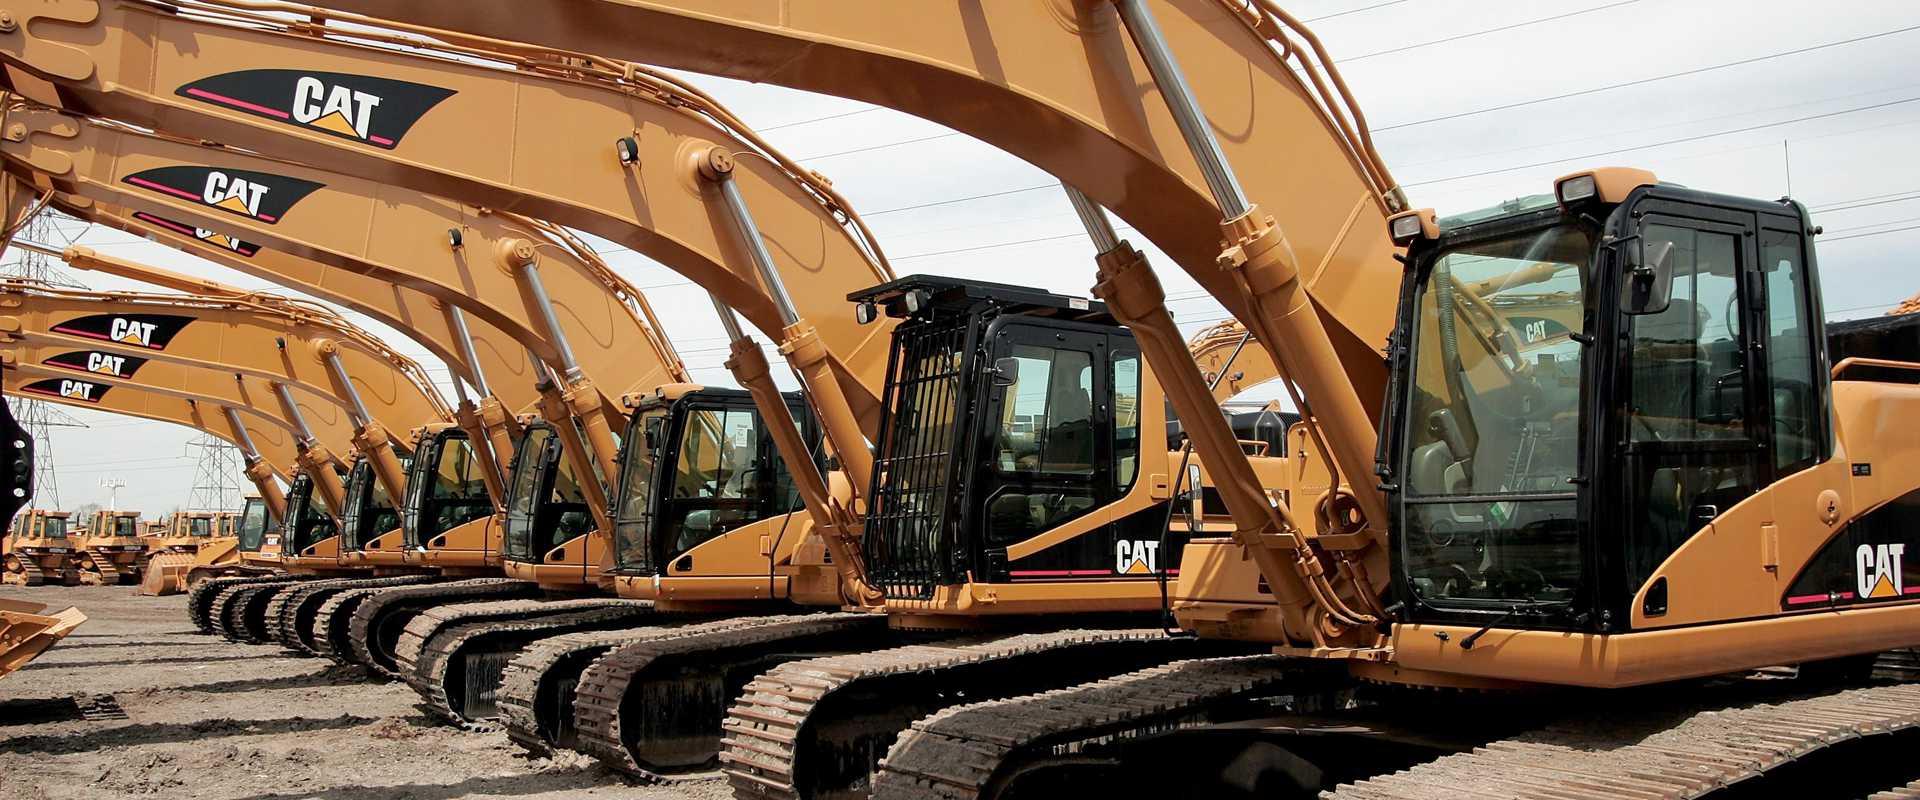 Caterpillar planira zatvoriti daljnjih 475 radnih mjesta